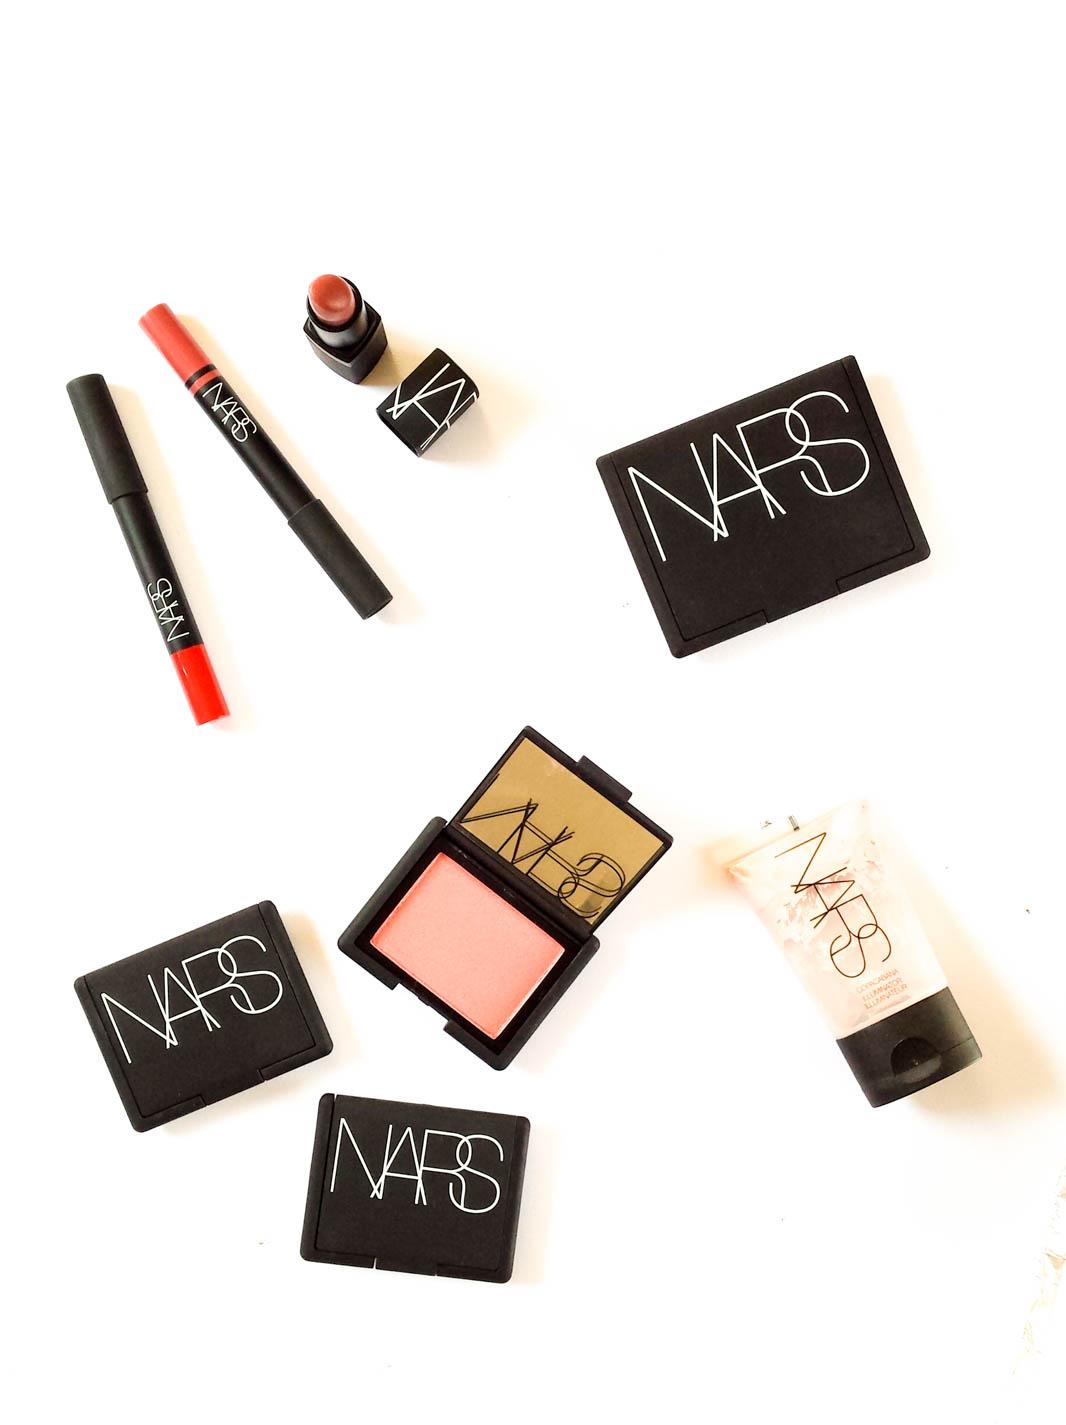 High end makeup brands